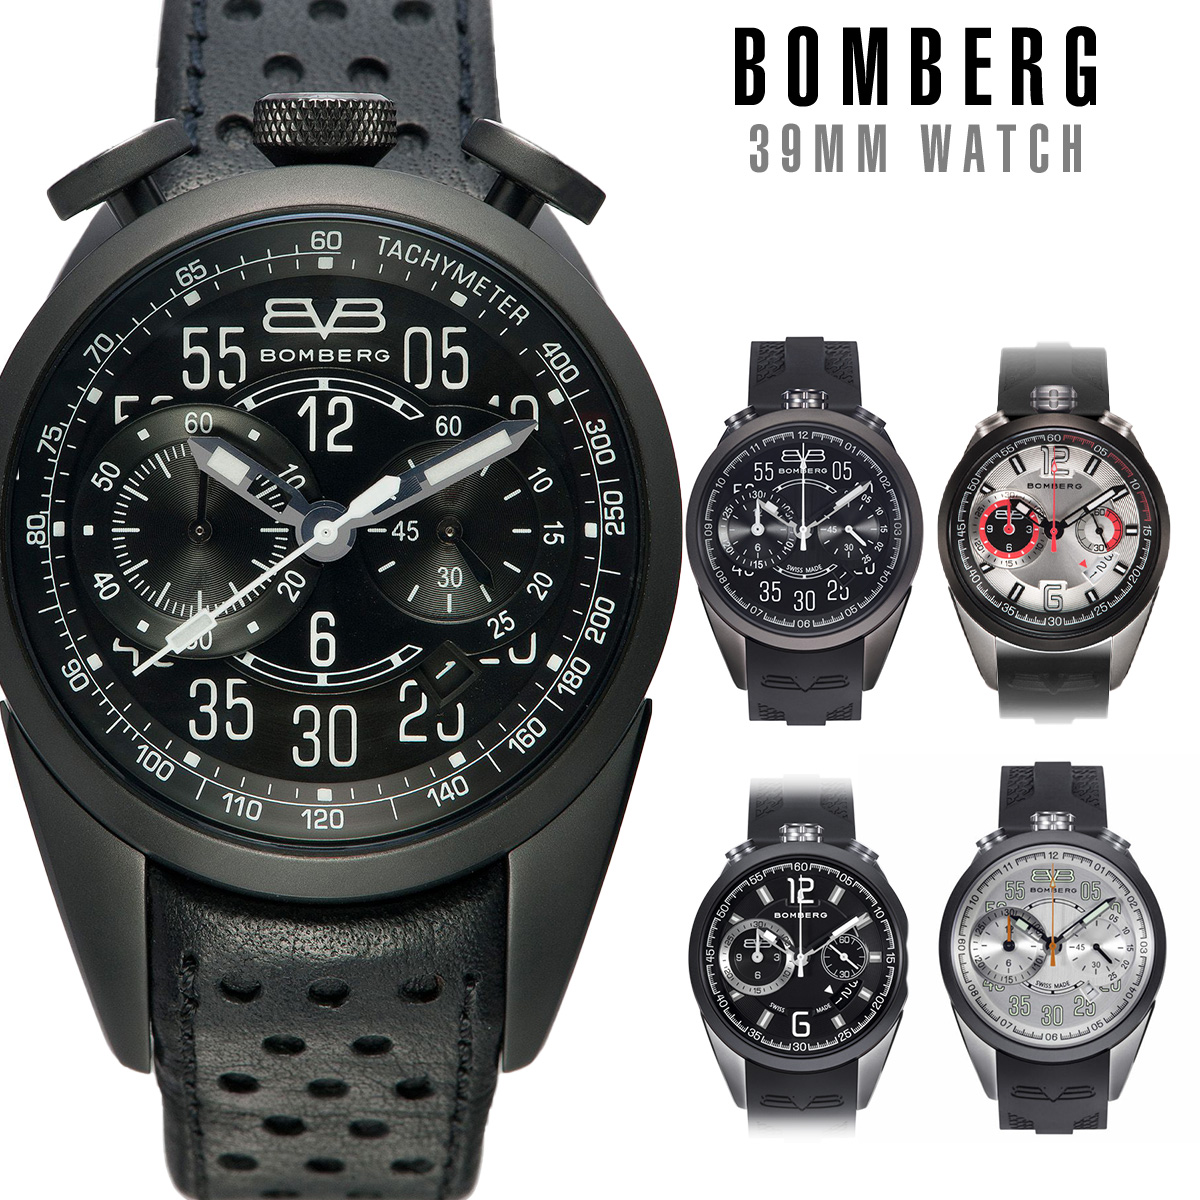 【全品送料無料】 ボンバーグ BOMBERG 1968 Chronograph 39 mm メンズ 時計 腕時計